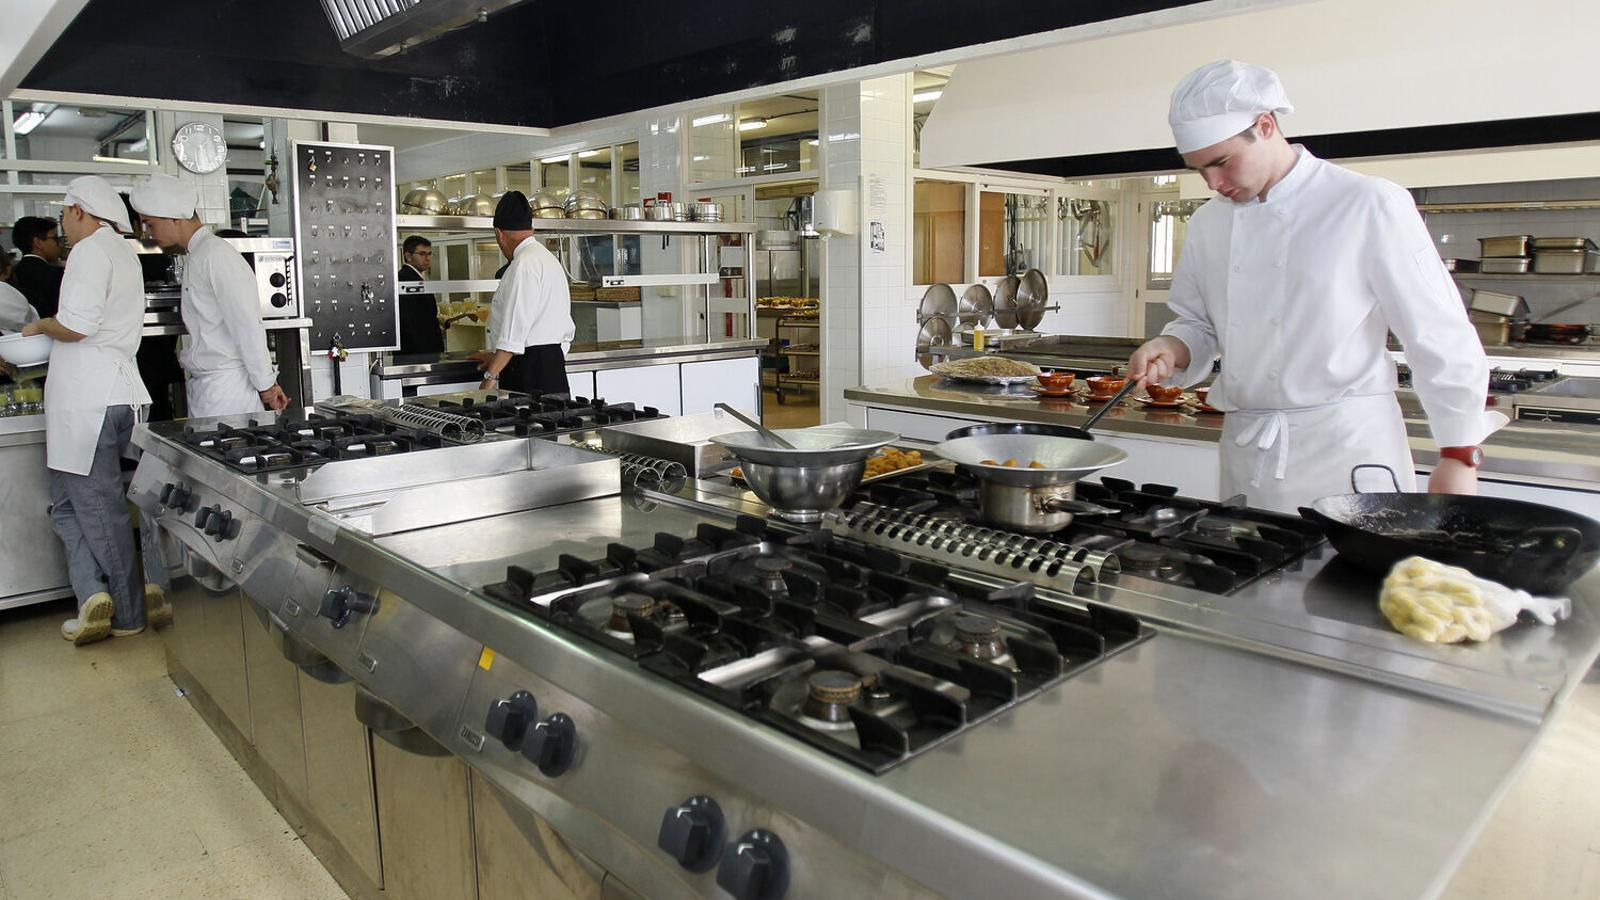 Alumnes de l'IES Juníper Serra fent pràctiques de cuina.